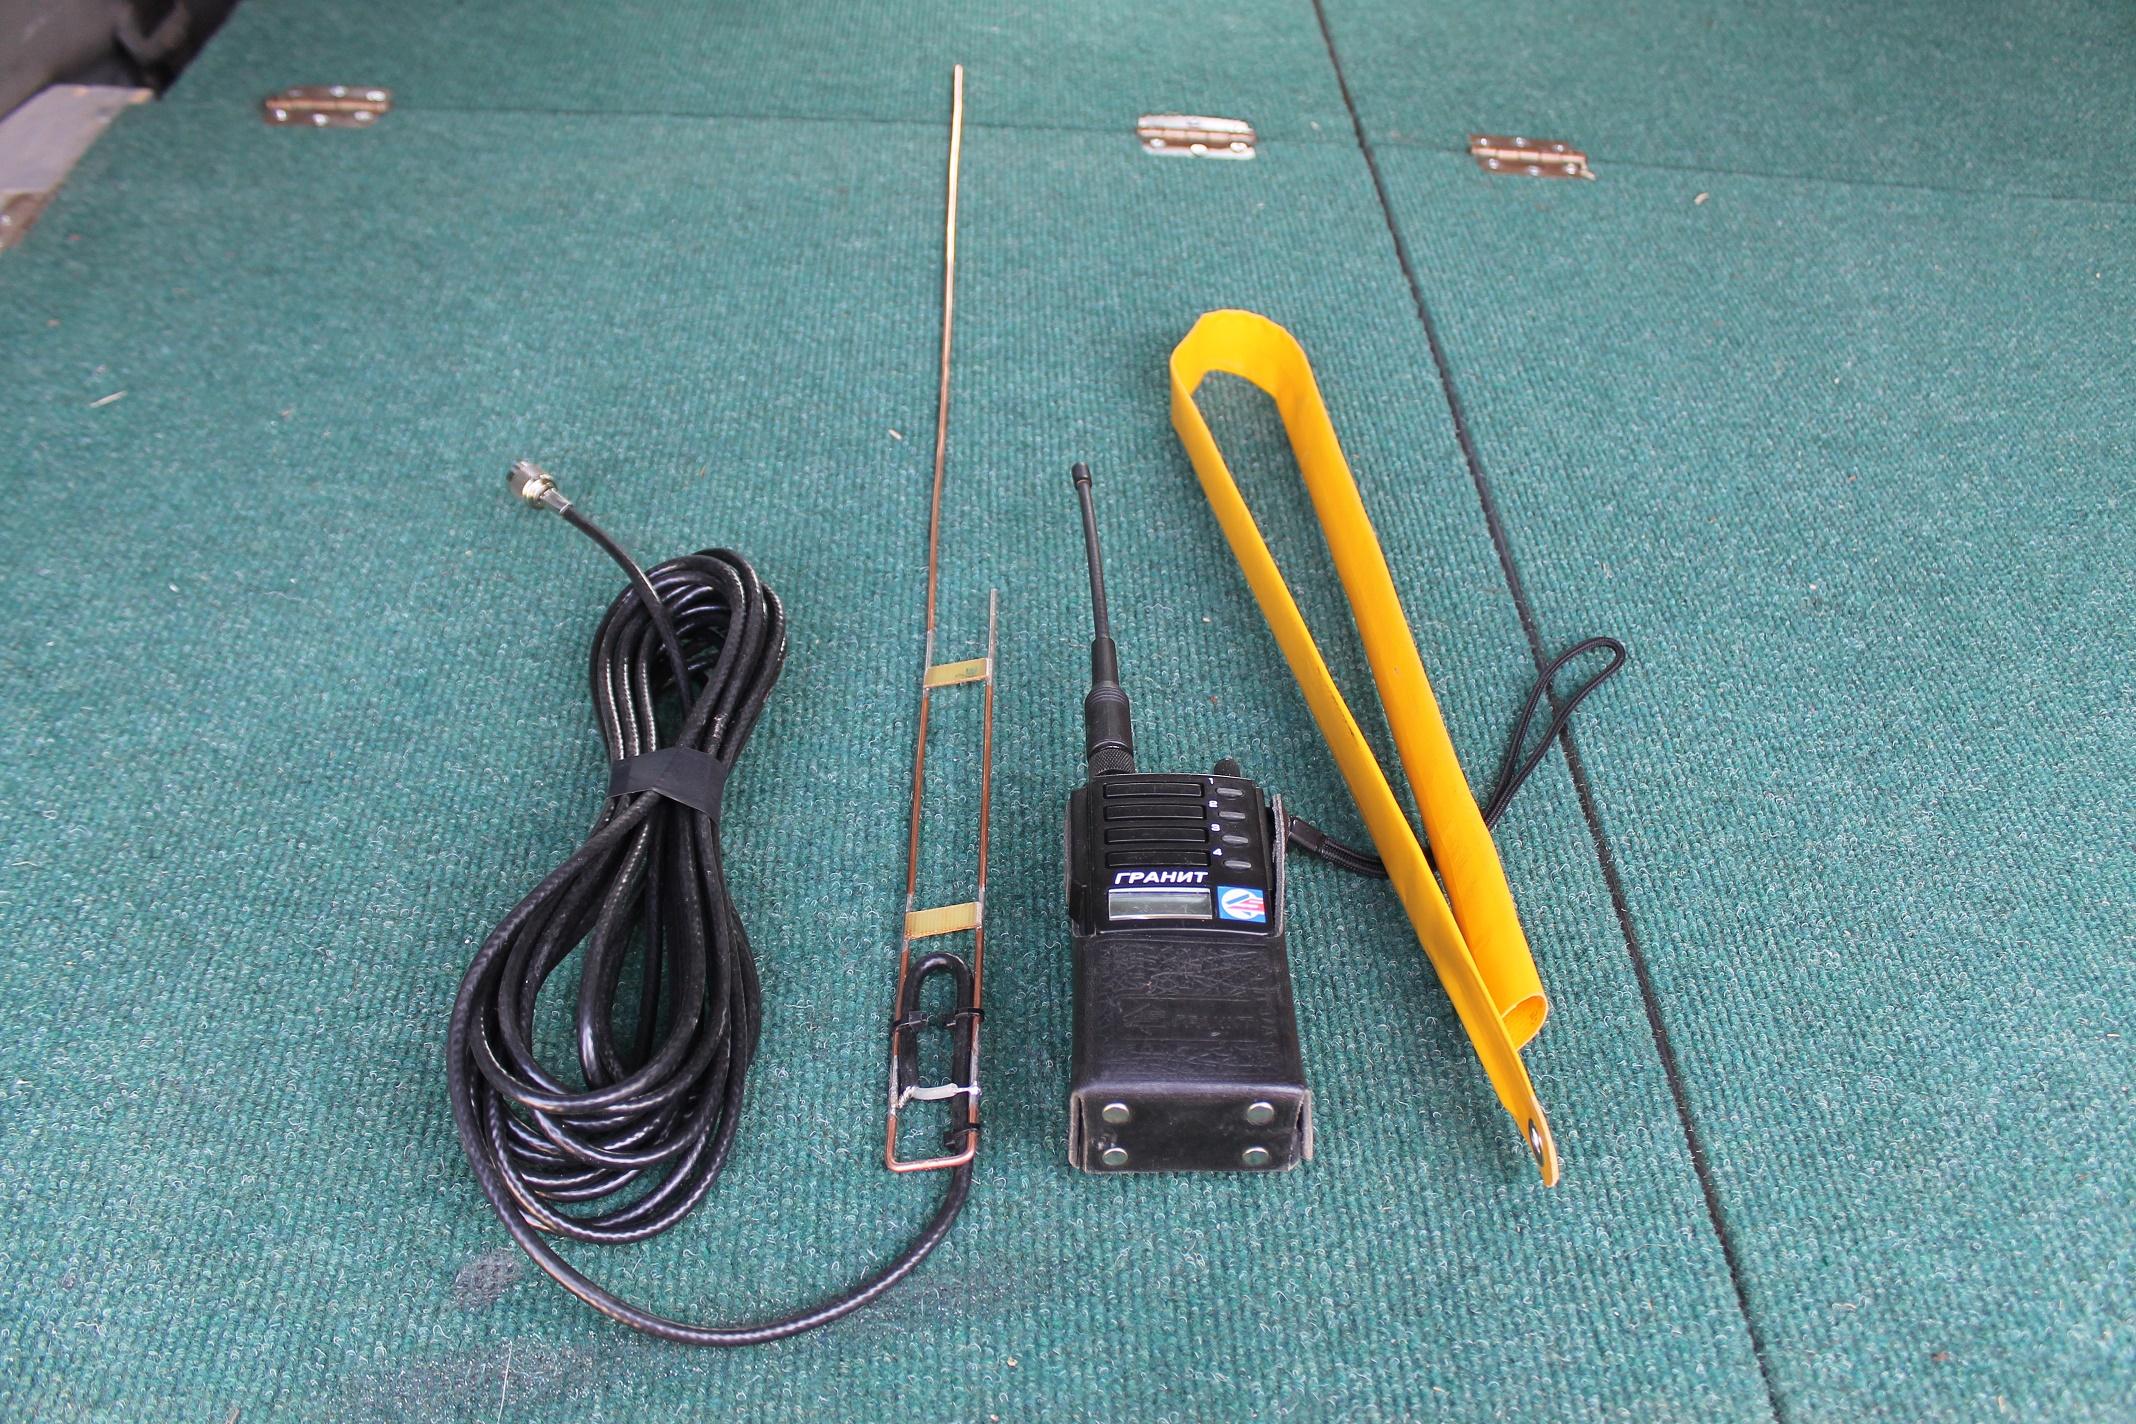 радиостанция гранит р33п1 инструкция  Руководства